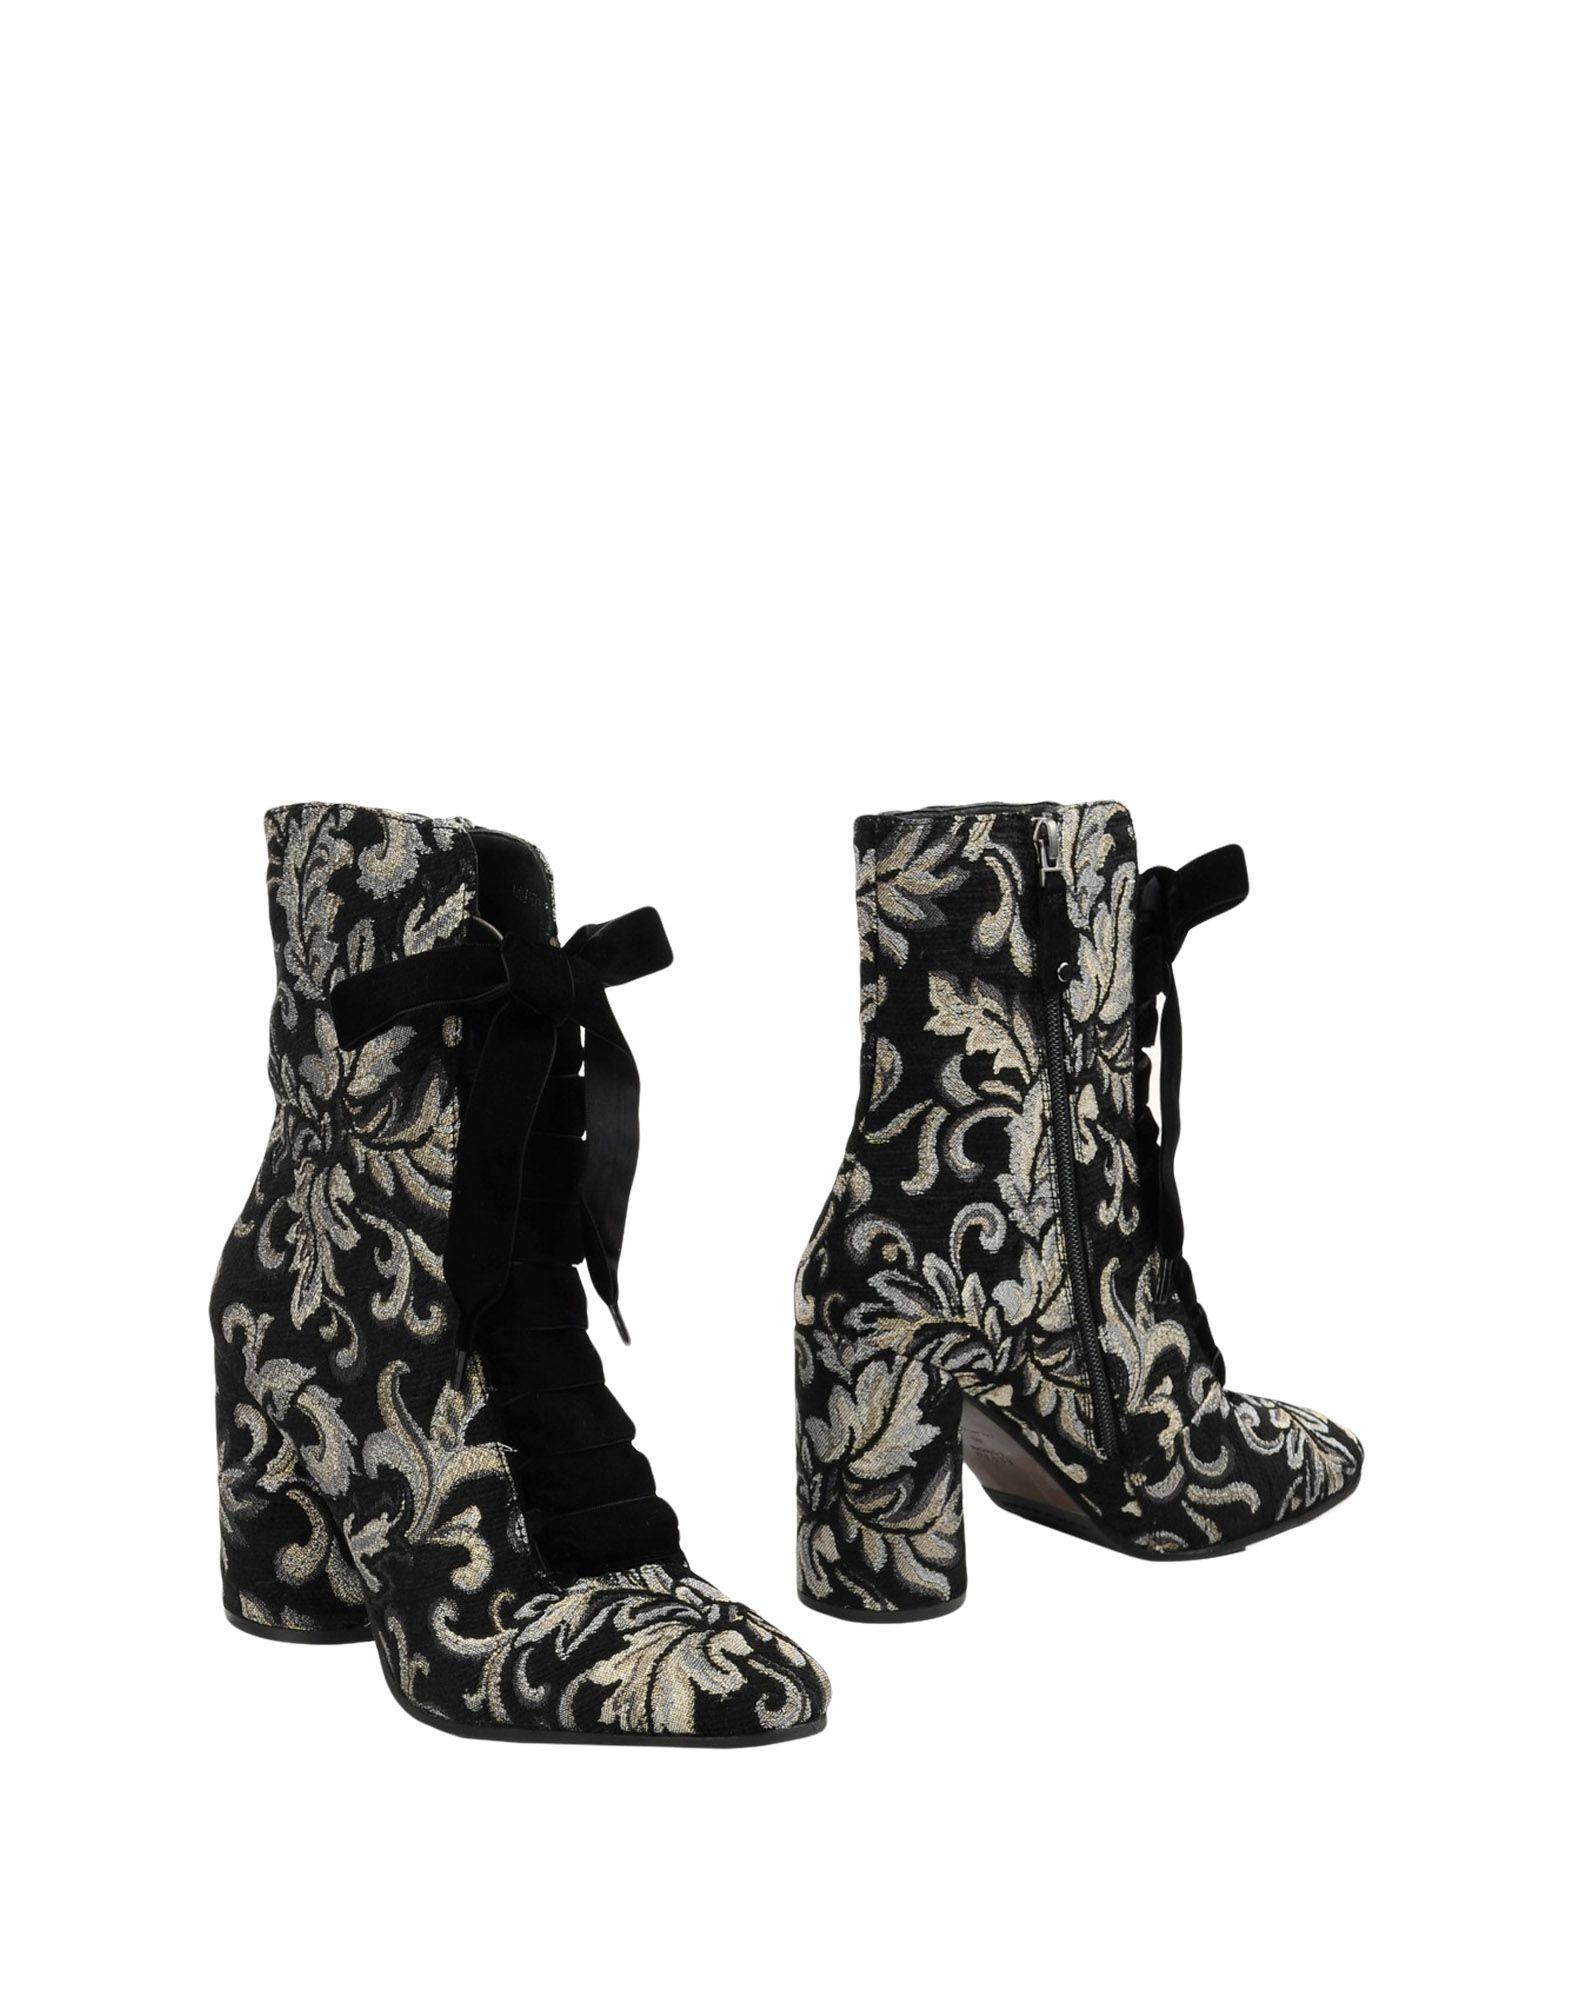 Elvio Zanon Stiefelette Damen  11337383JC Gute Qualität beliebte Schuhe